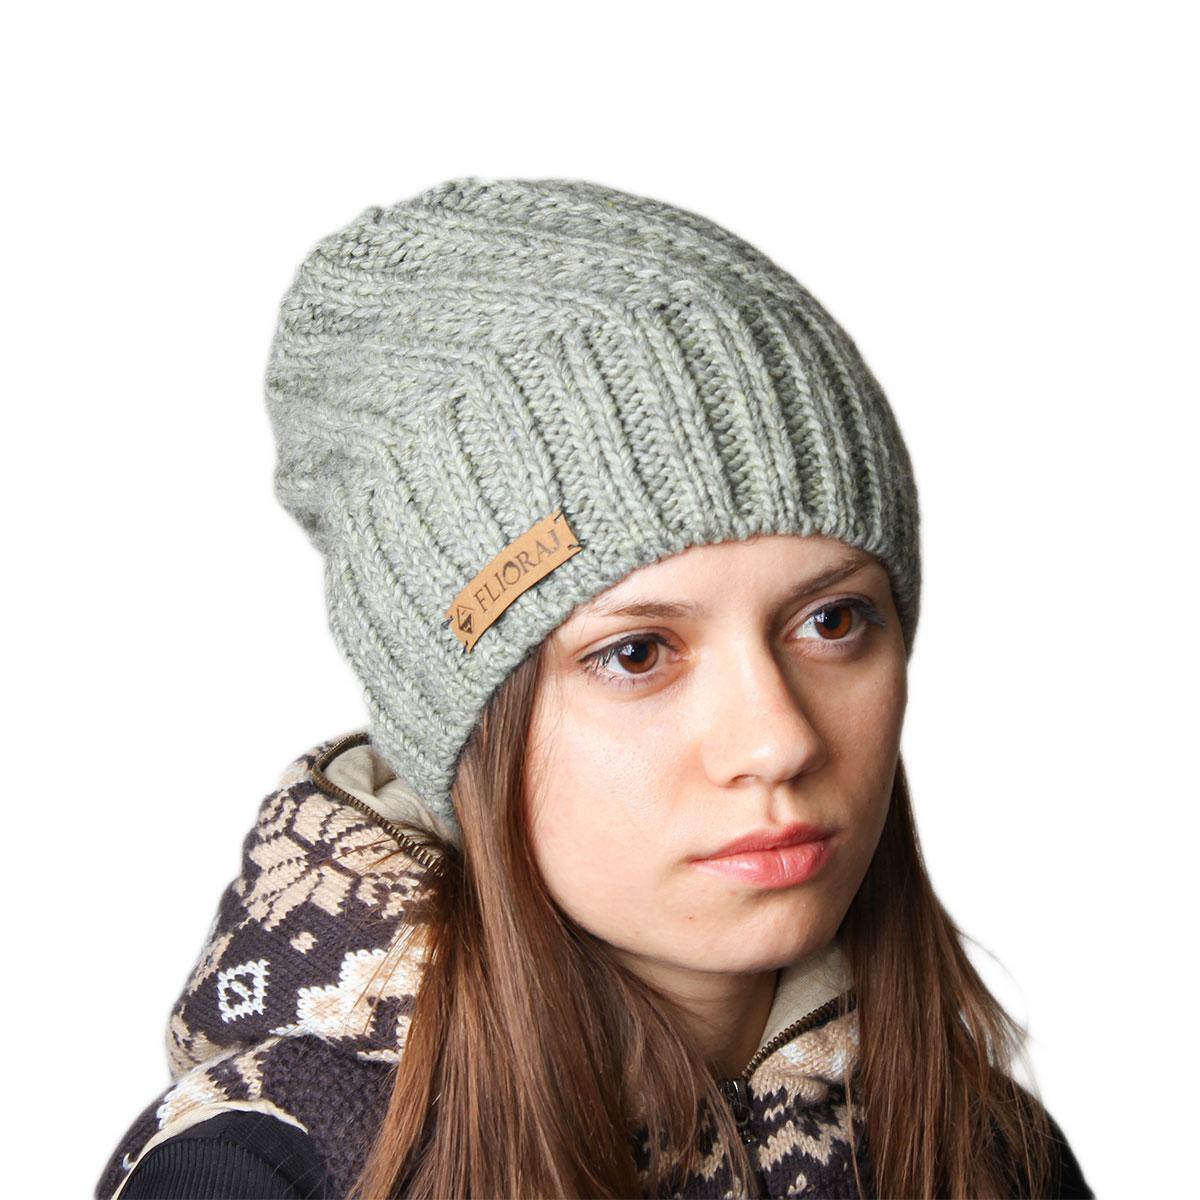 Шапка женская Flioraj, цвет: зеленый. 011FJ. Размер 56/58011FJСтильная теплая шапка от Flioraj, связанная из овечьей шерсти и шерсти горной альпаки, отлично согреет в холодную погоду. Состав пряжи делает изделие мягким, теплым и комфортным. Модель выполнена рельефной вязкой и украшена нашивкой из натуральной кожи.